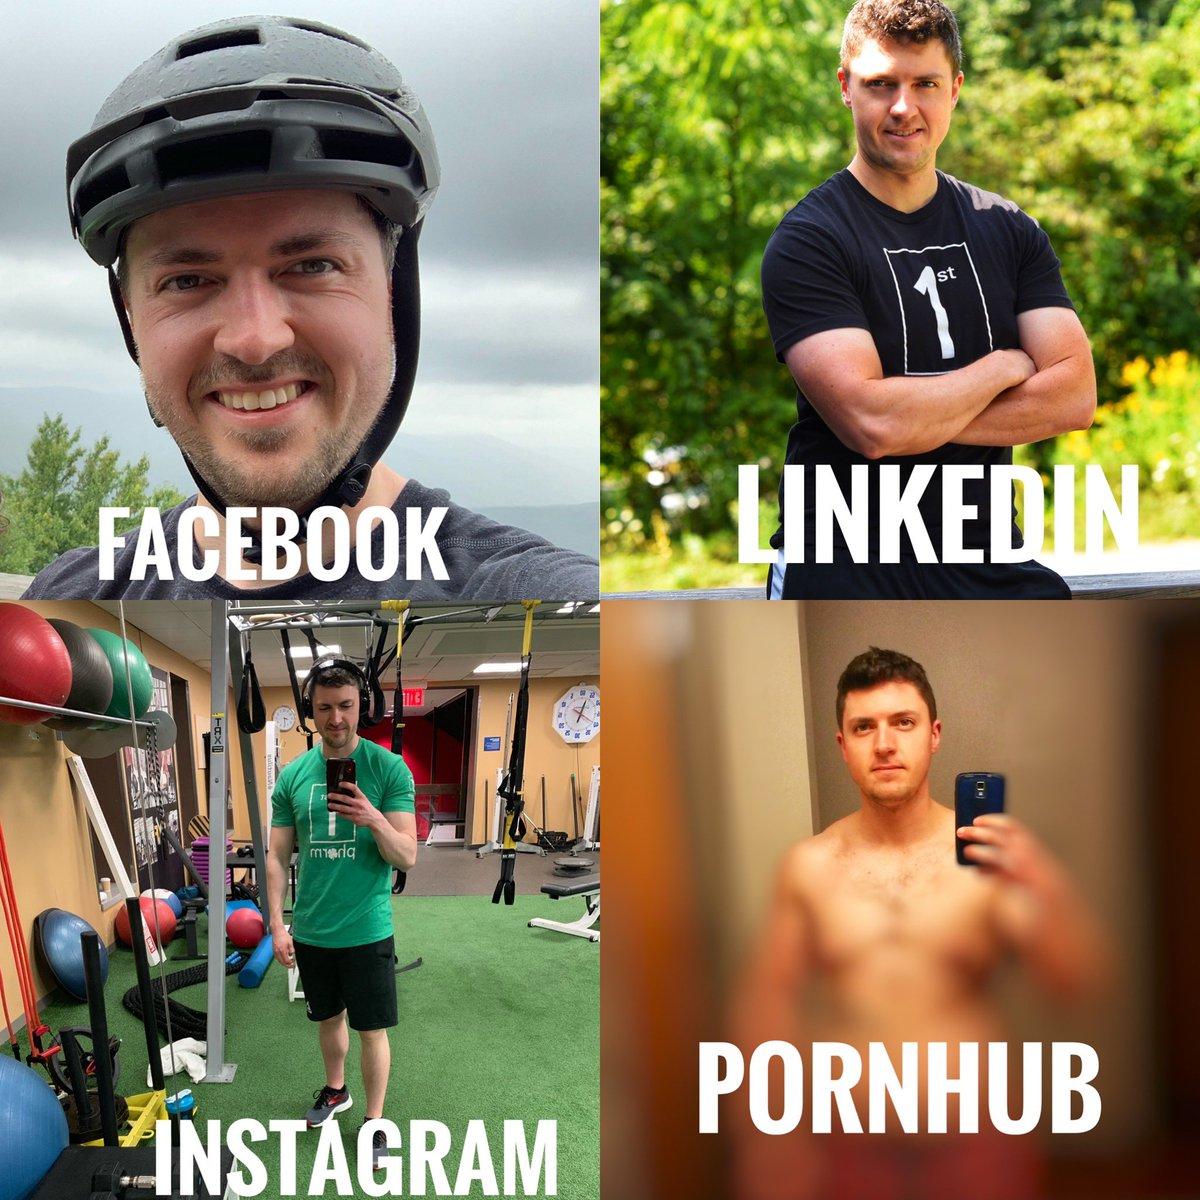 I'm the same in all my profiles. #socialmedia #comedy #funny #dollypartonchallenge